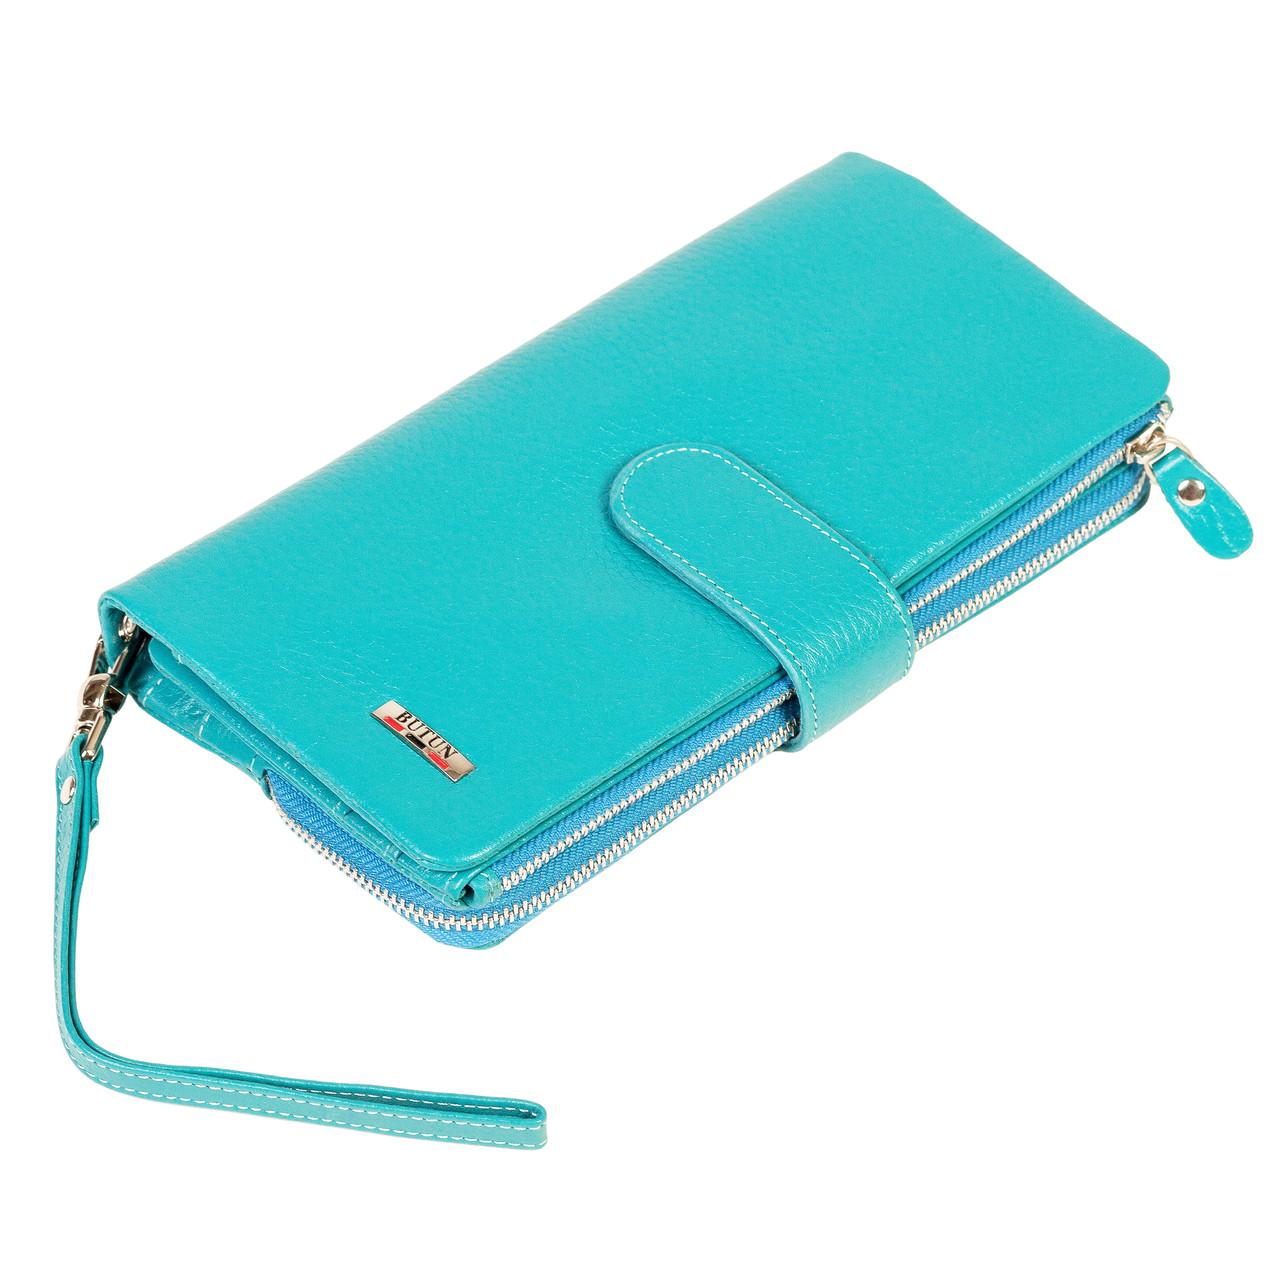 Женский кошелек клатч BUTUN 022-004-050 кожаный бирюзовый